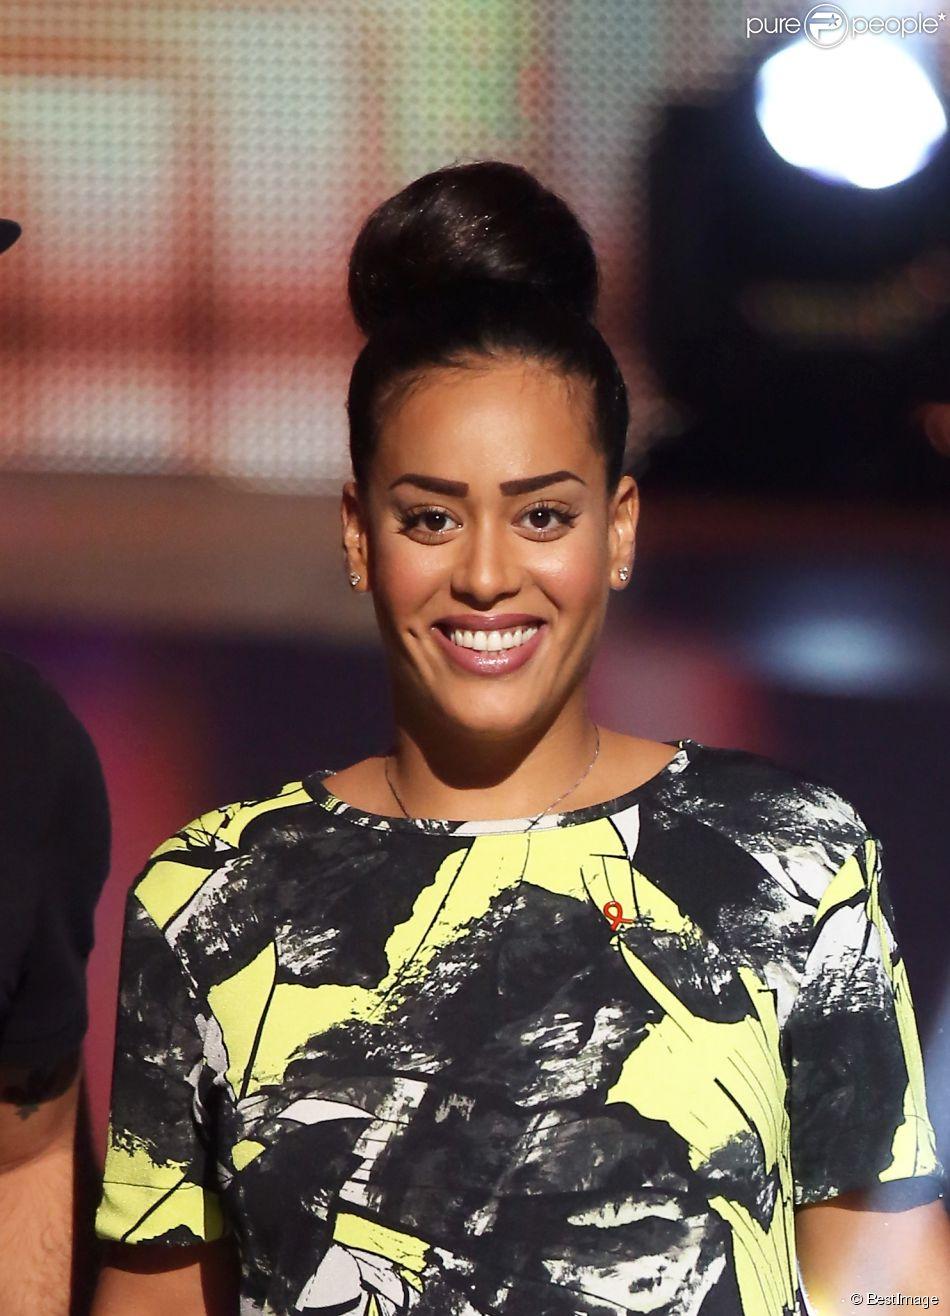 """Exclusif - Amel Bent - Enregistrement de l'émission """"Alors on chante"""" au palais des sports à Paris, qui sera diffusée le 28 novembre 2014 en Prime Time sur TF1."""